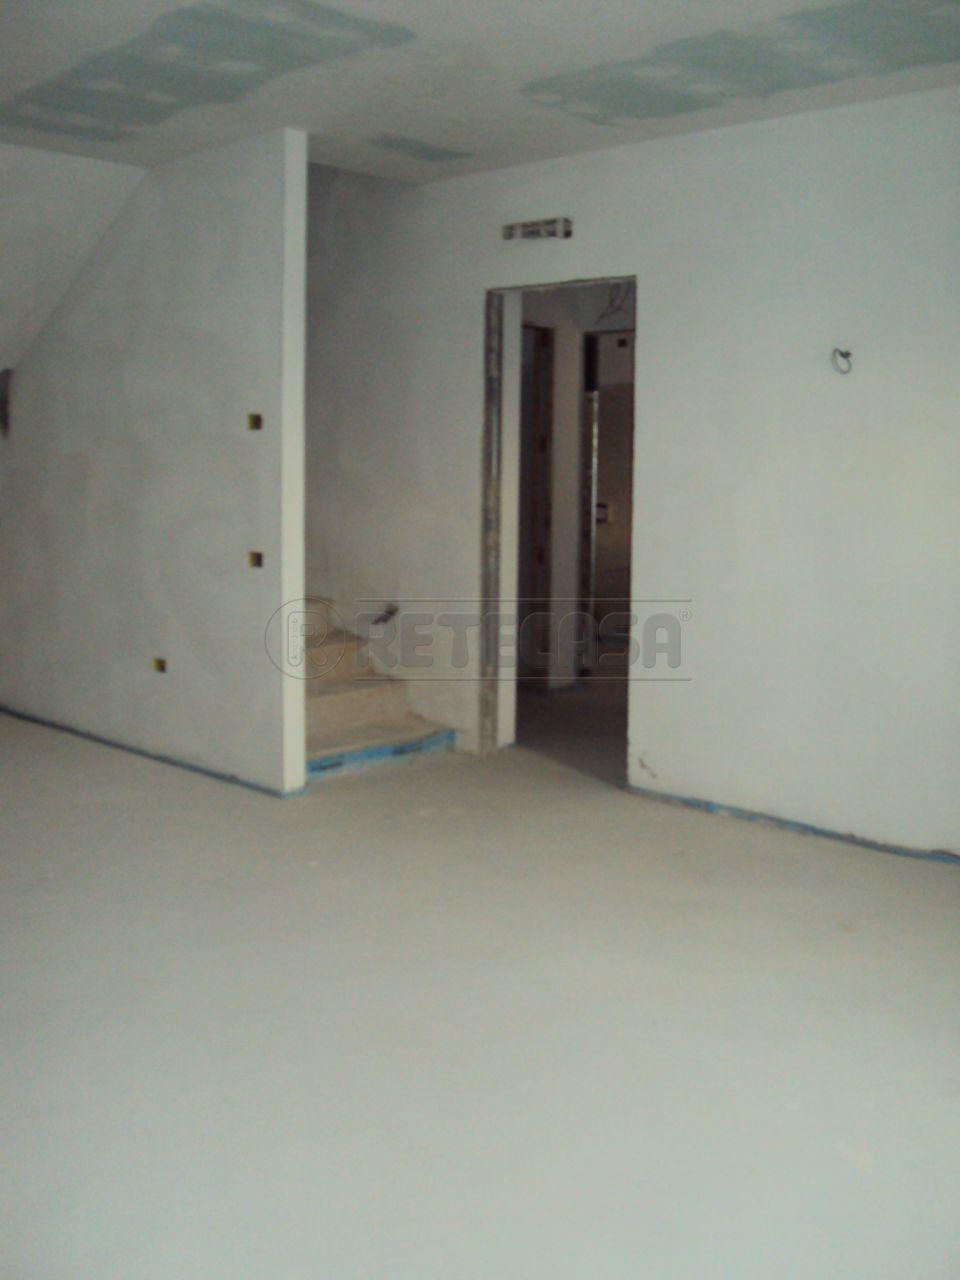 Soluzione Semindipendente in vendita a San Giorgio delle Pertiche, 9999 locali, prezzo € 270.000 | Cambio Casa.it